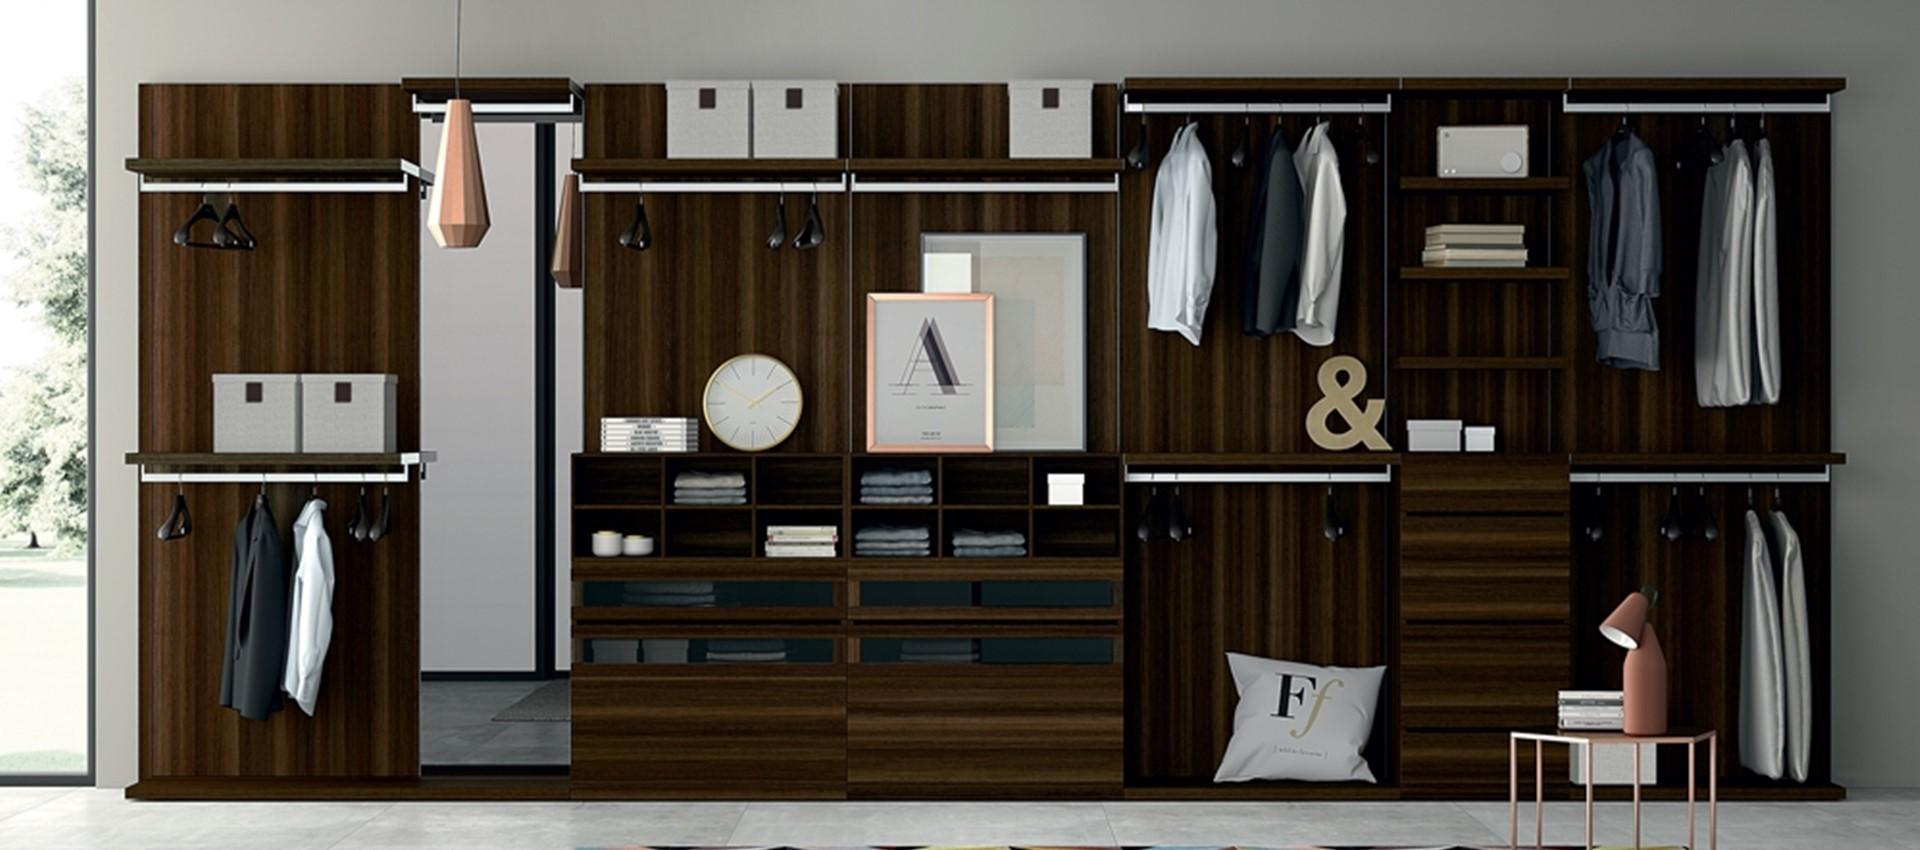 Гардеробная dall agnese project 3 купить мебель для спальни .